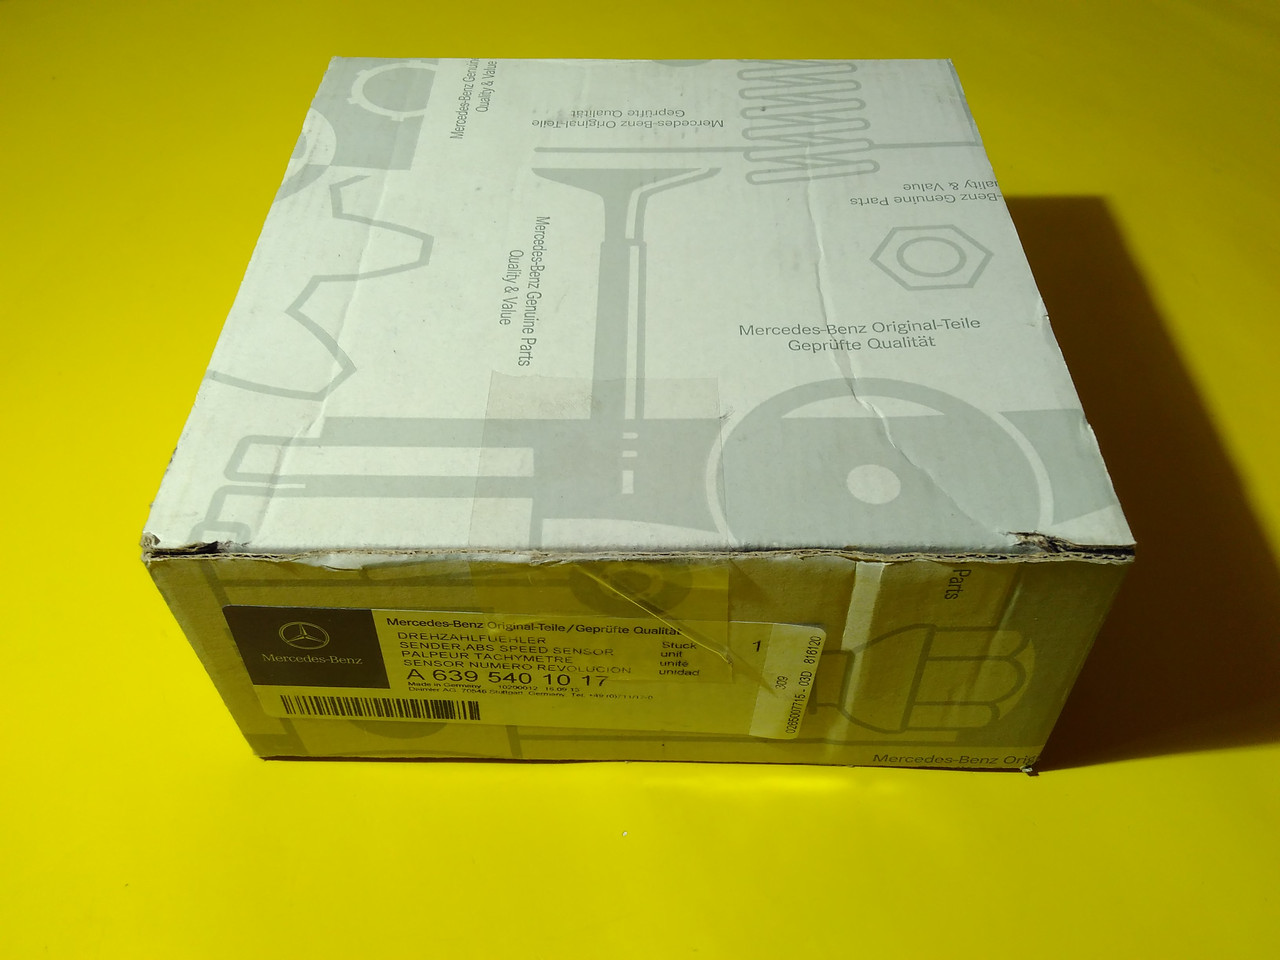 Датчик частоты вращения колеса ABS Mercedes w639/636 A6395401017 Mercedes - NATA4KU.COM в Одессе